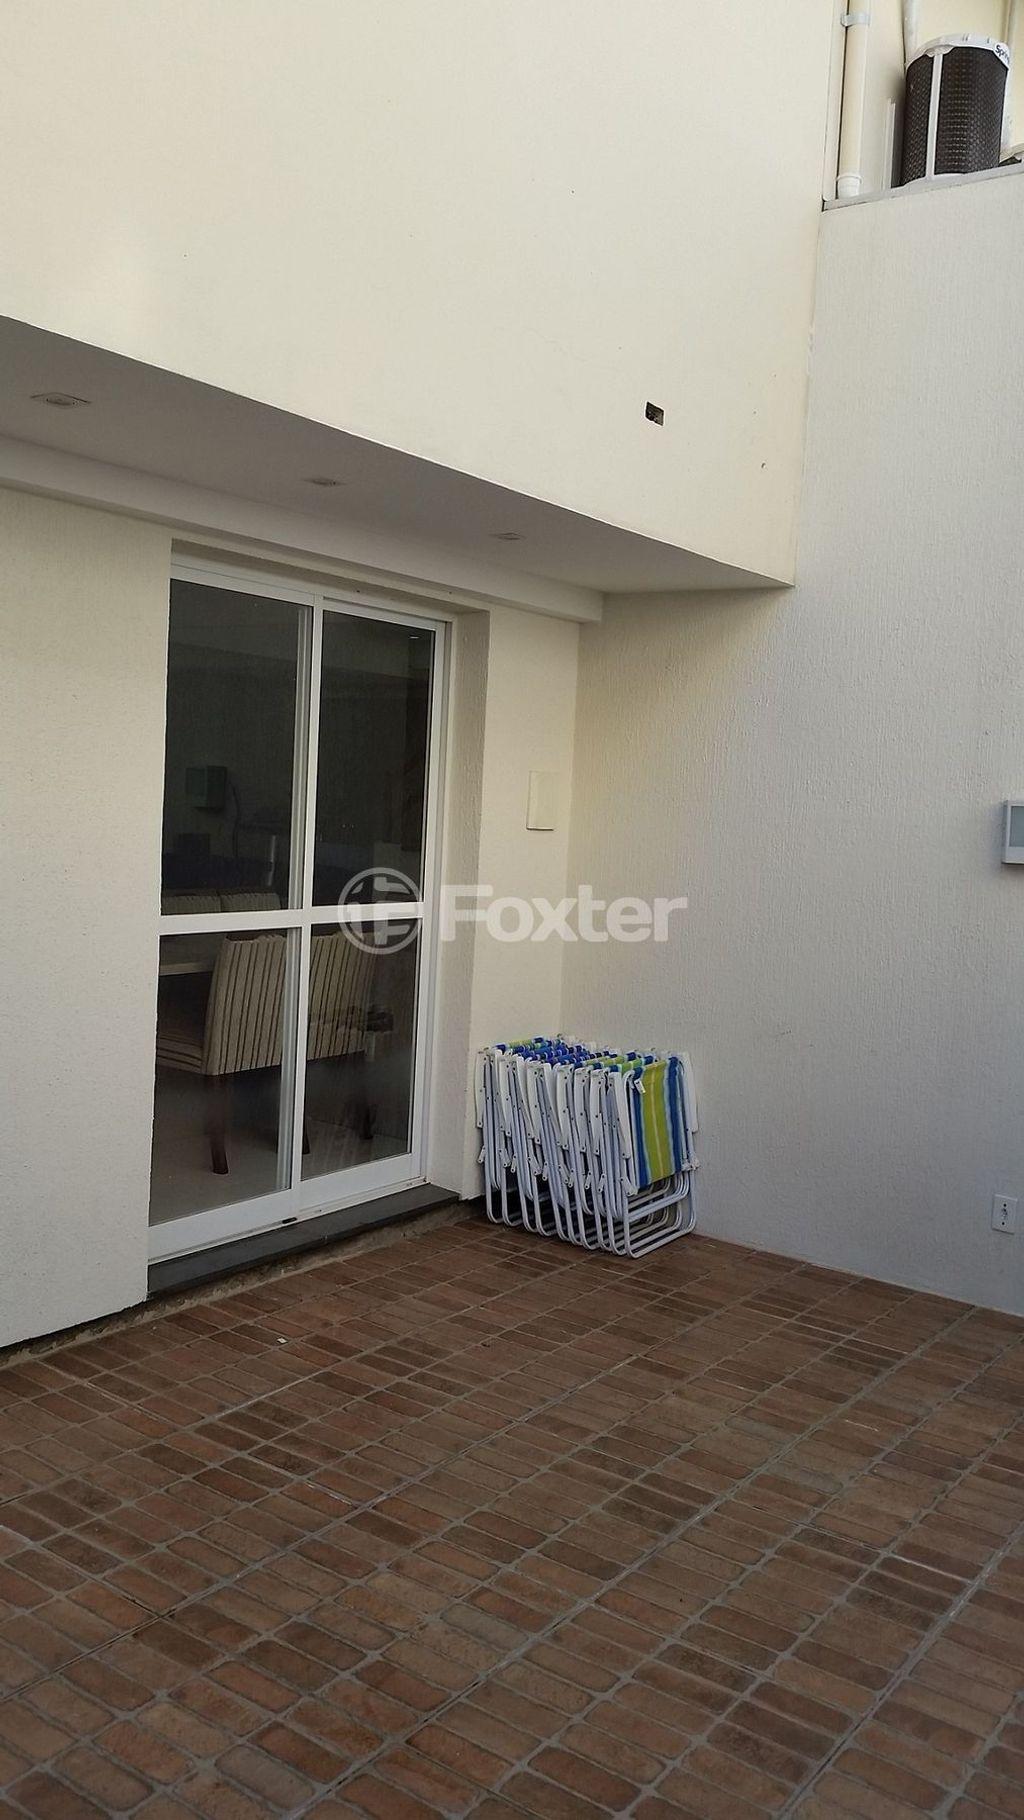 Foxter Imobiliária - Casa 3 Dorm, Olaria, Canoas - Foto 27